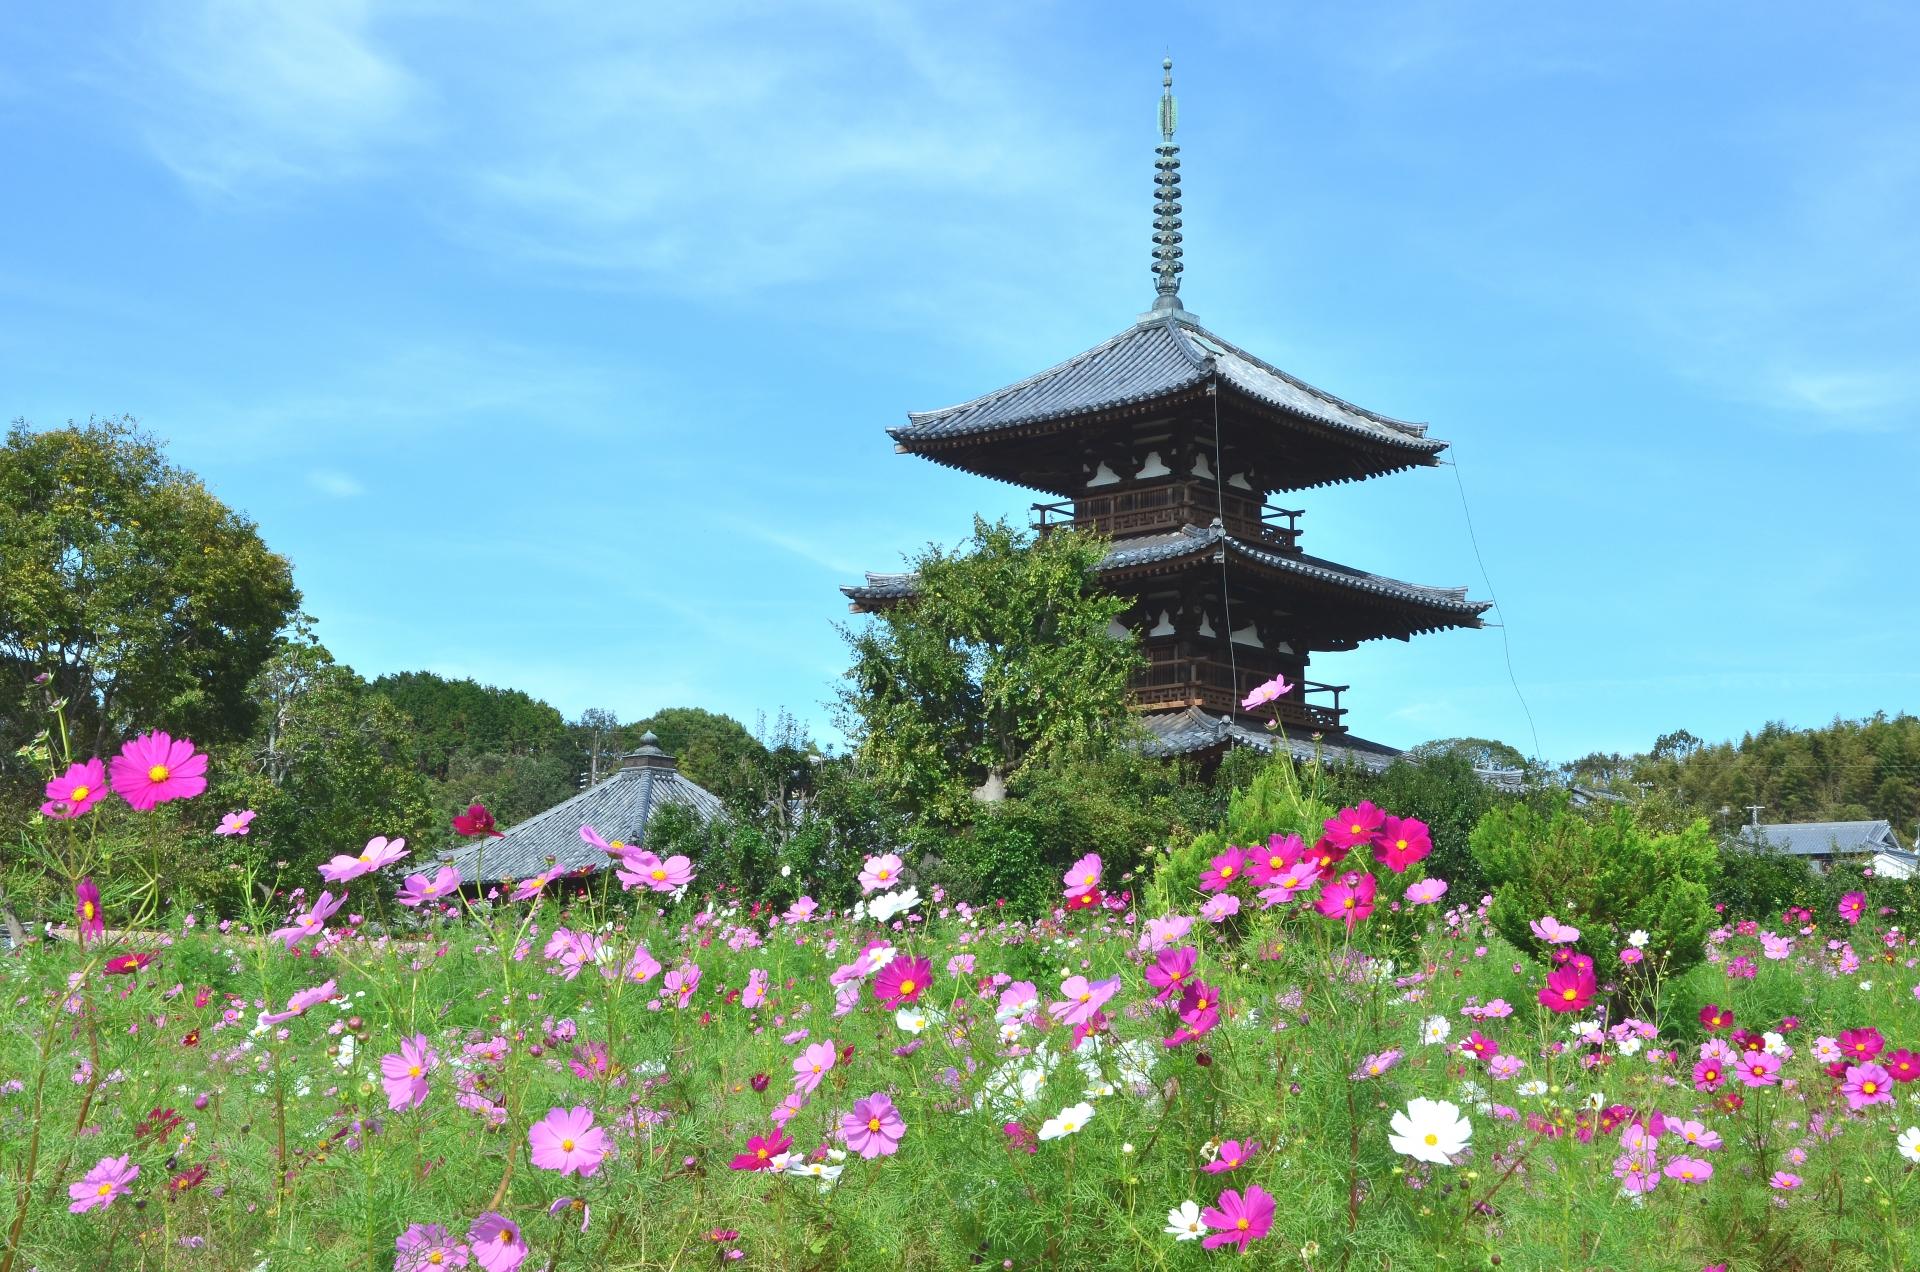 日本の世界遺産特集(1)「法隆寺地域の仏教建造物(奈良県)」